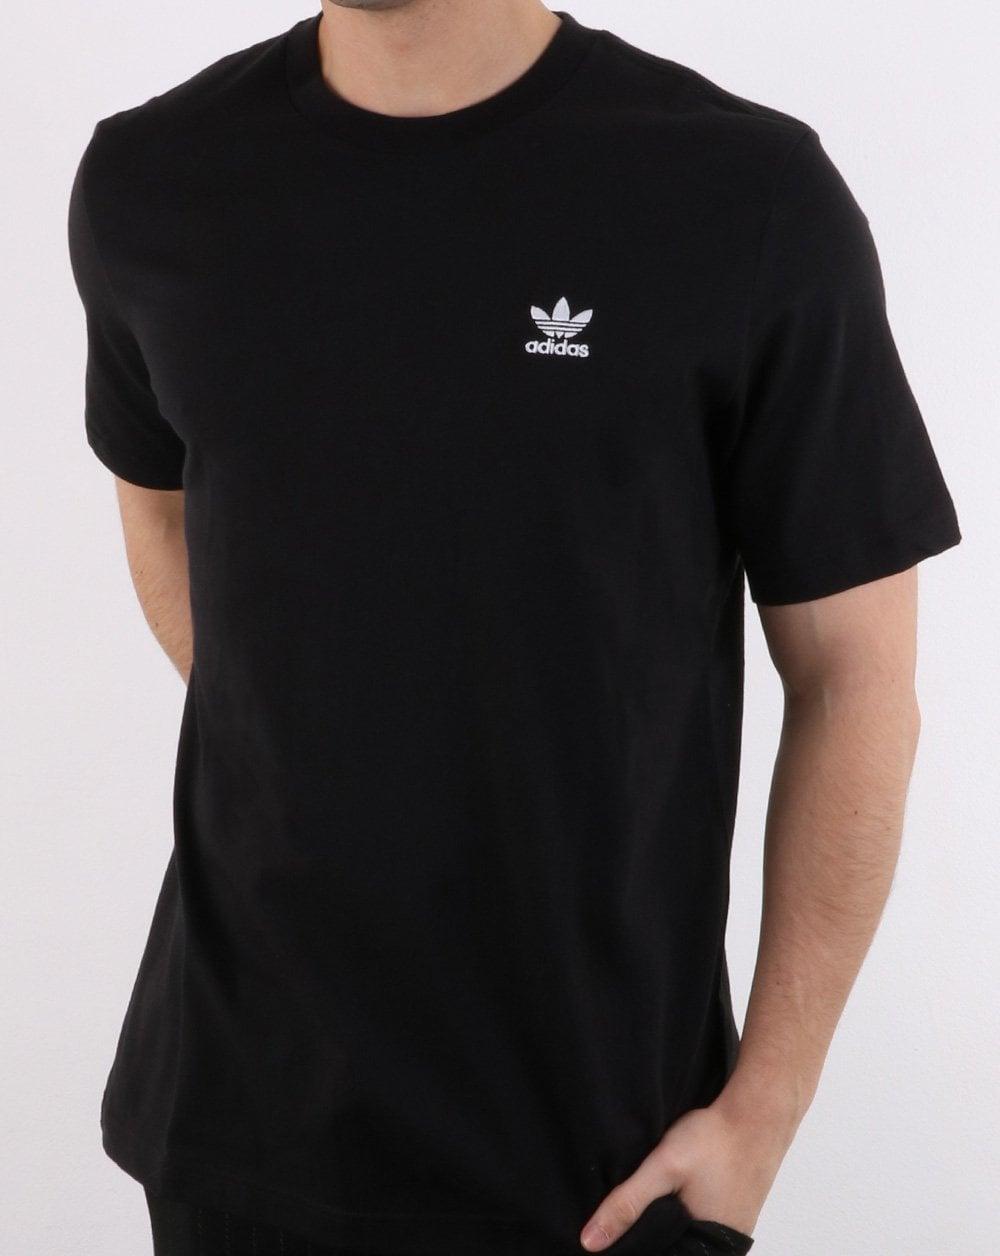 Adidas Originals Ess T Shirt Black